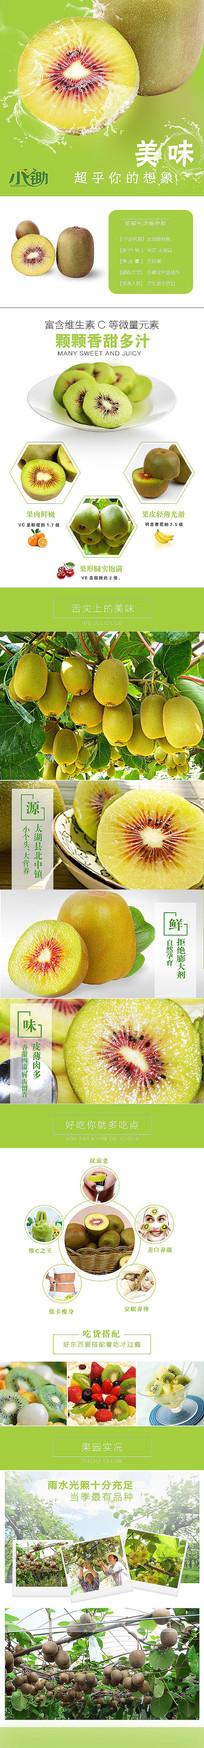 新鲜猕猴桃详情页